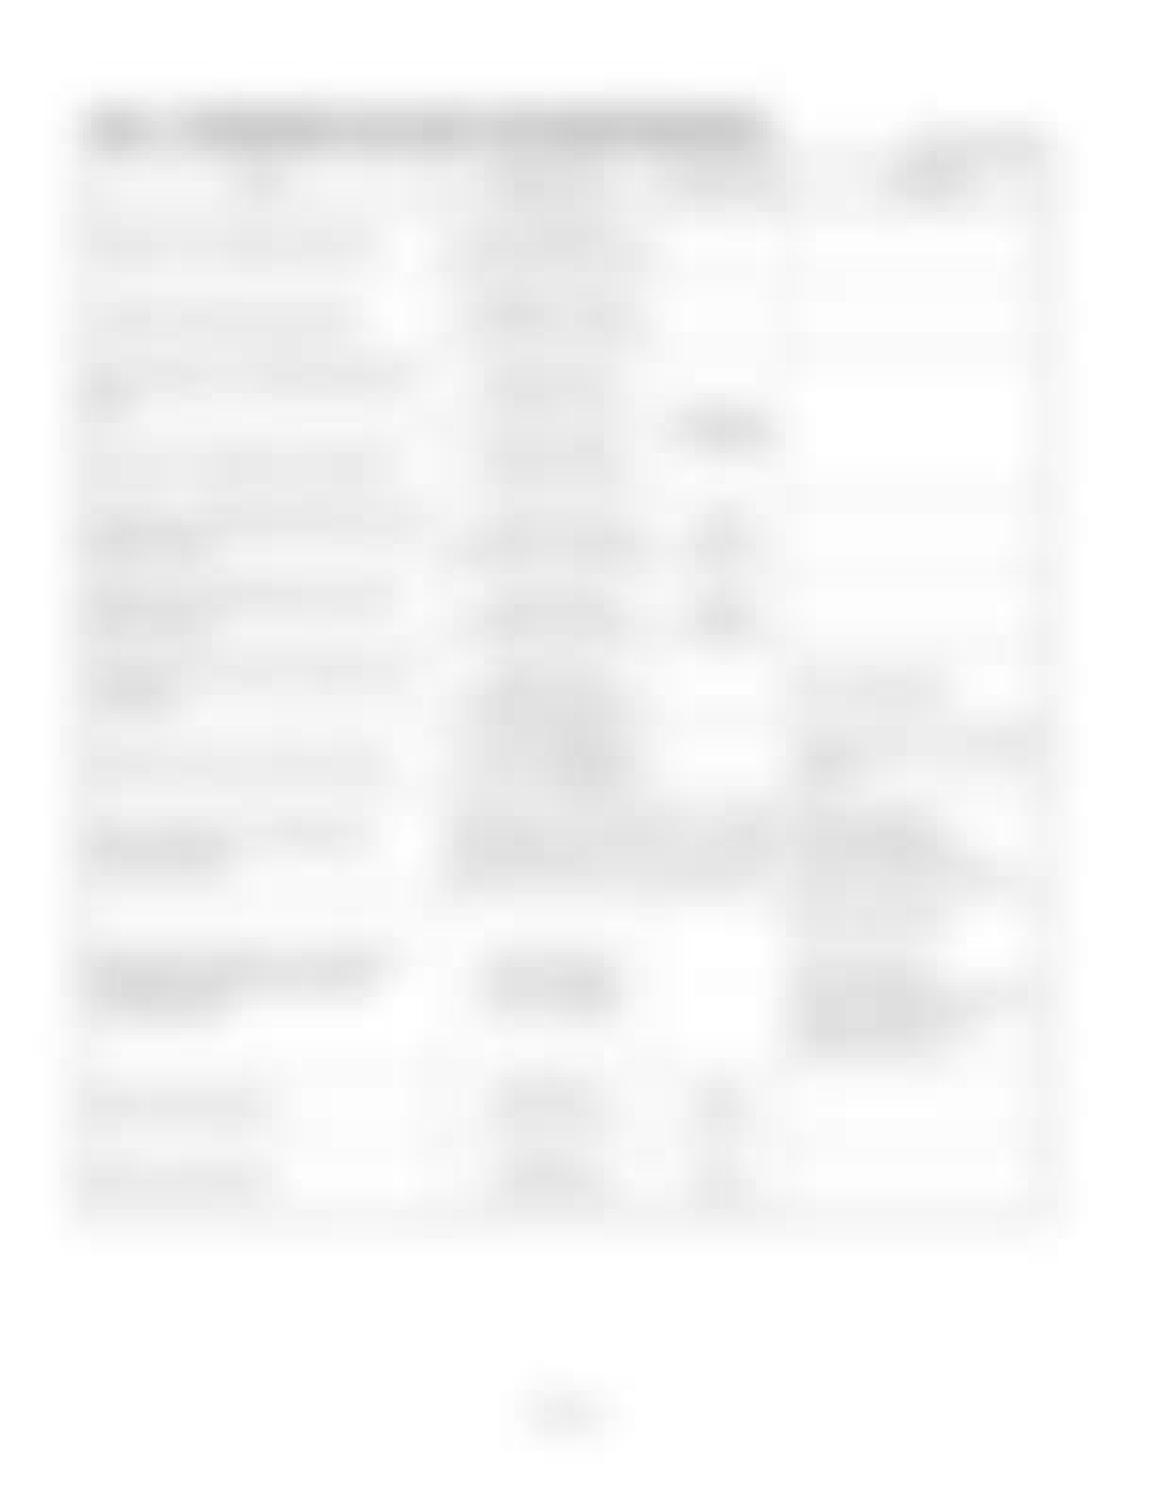 Hitachi LX110-7 LX130-7 LX160-7 LX190-7 LX230-7 Wheel Loader Workshop Manual - PDF DOWNLOAD page 218